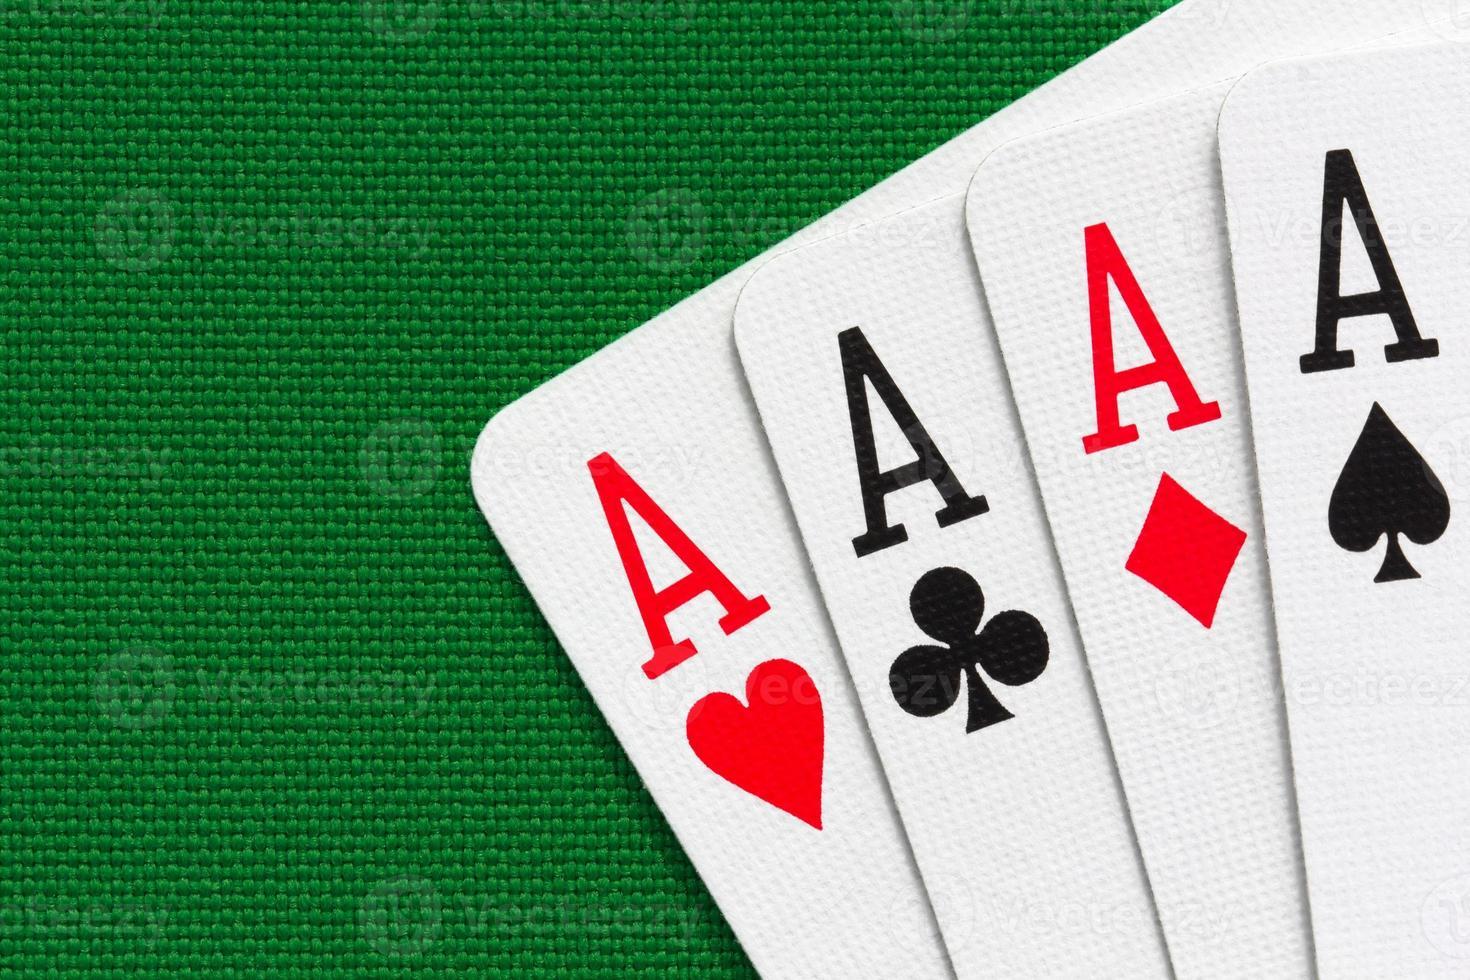 quattro assi su sfondo verde tessile foto